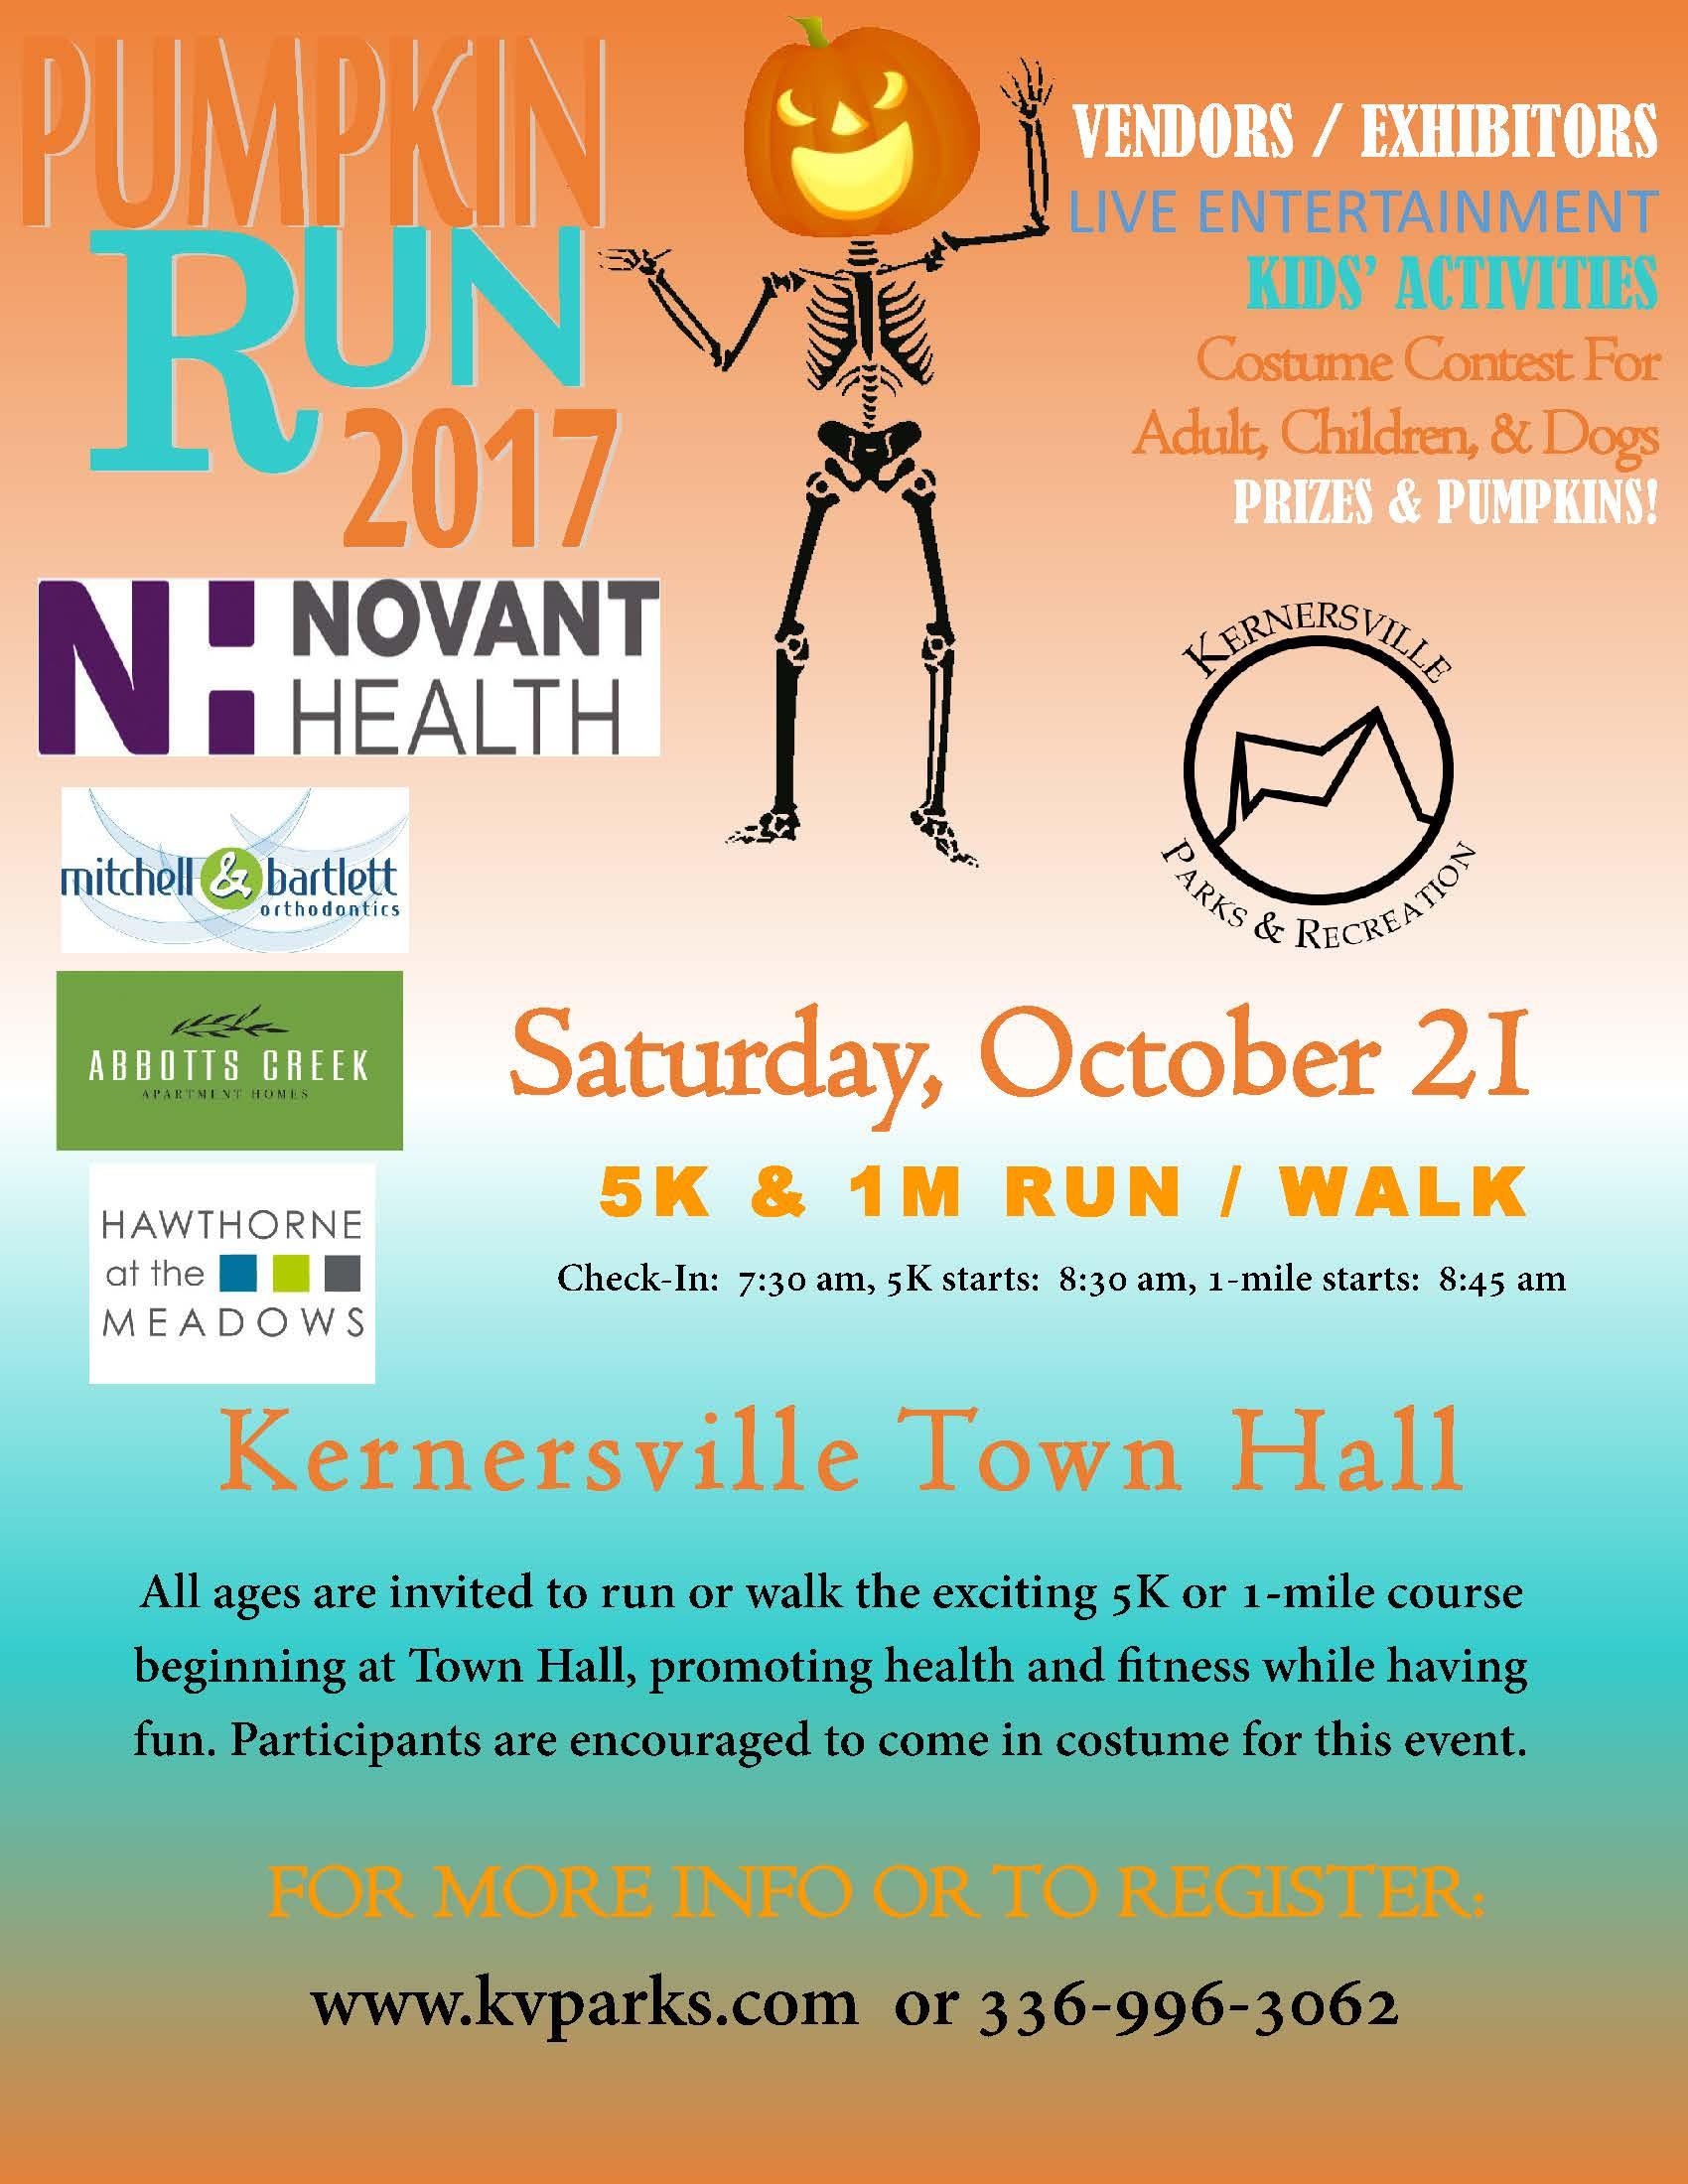 Pumpkin Run 5K and 1-mile Fun Run